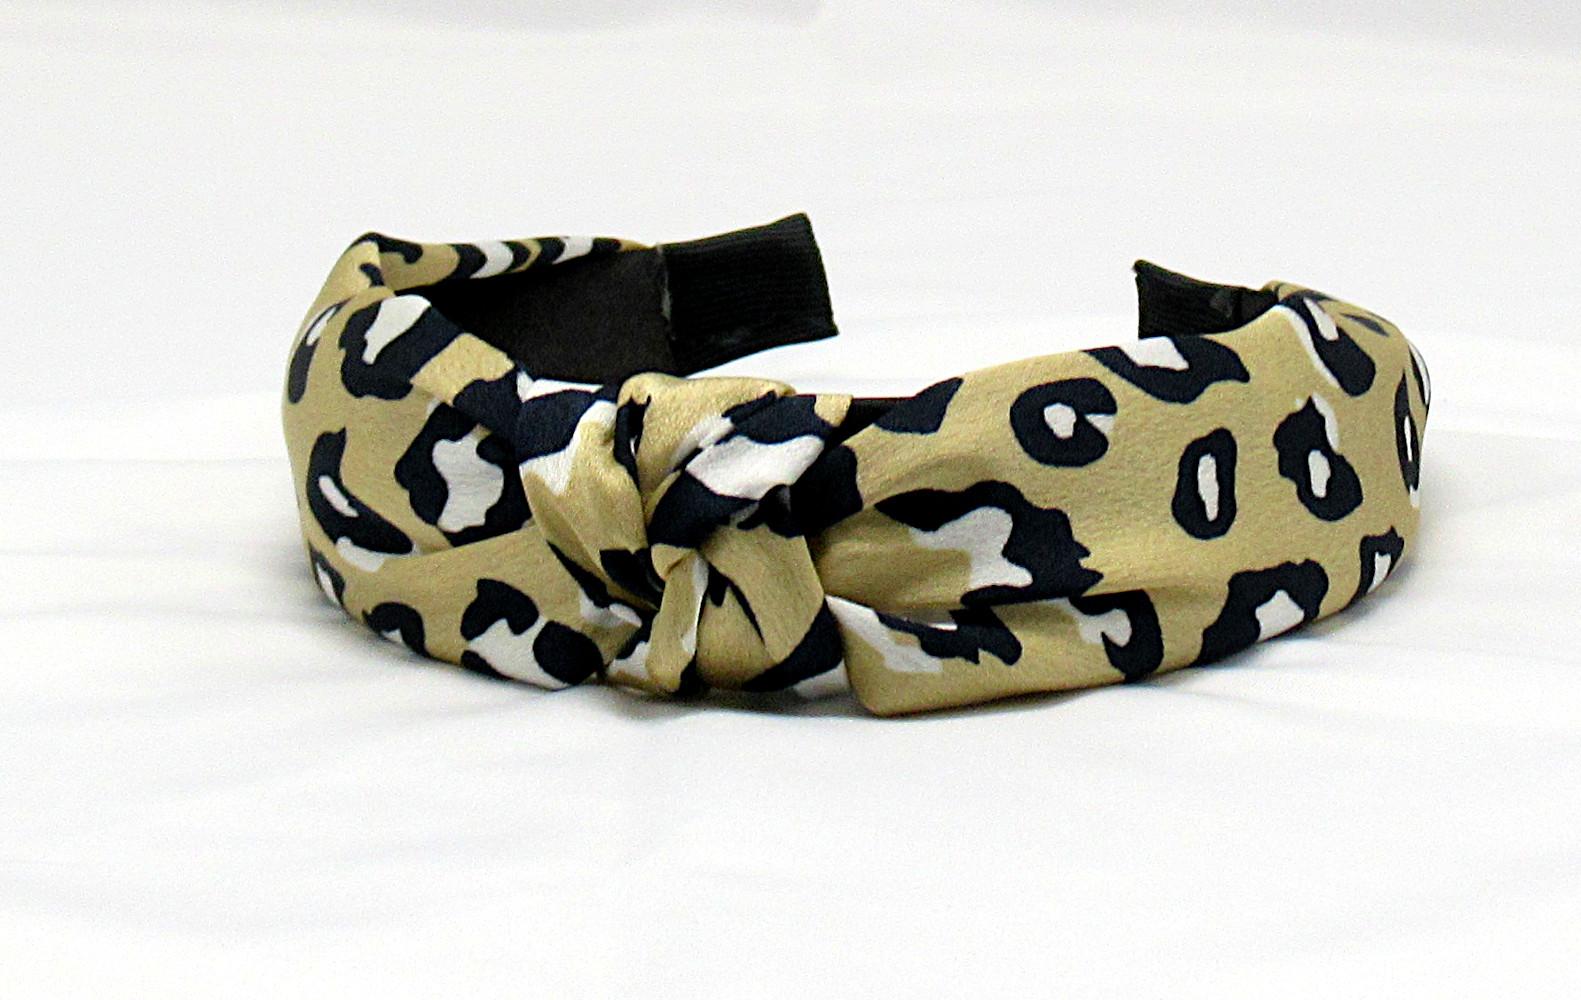 RJ-HB04_Leopard Print Knotted Headband-Khaki4